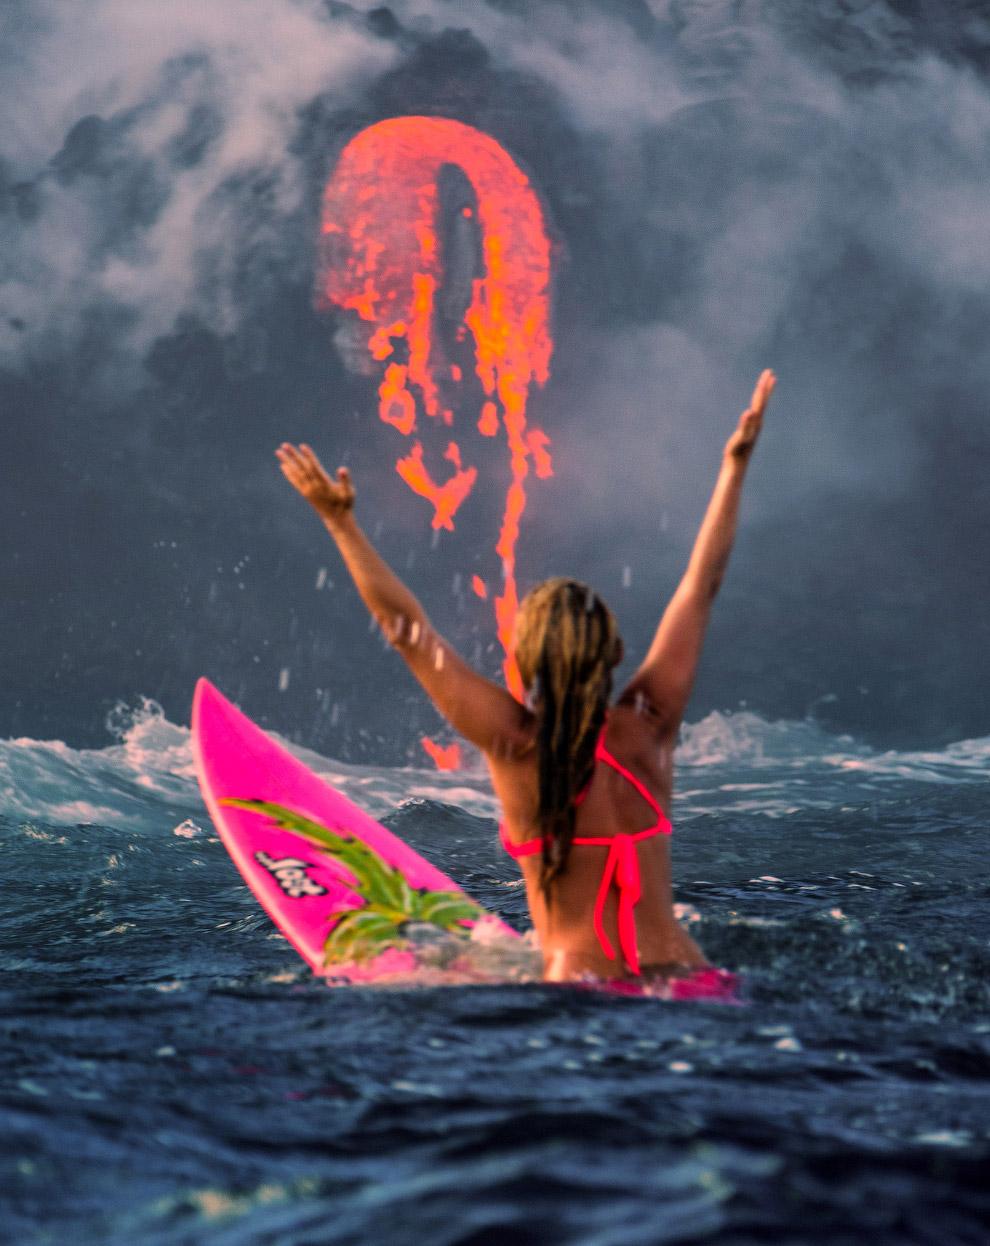 Экстремальный серфинг от профессиональной спортсменки Alison Teal